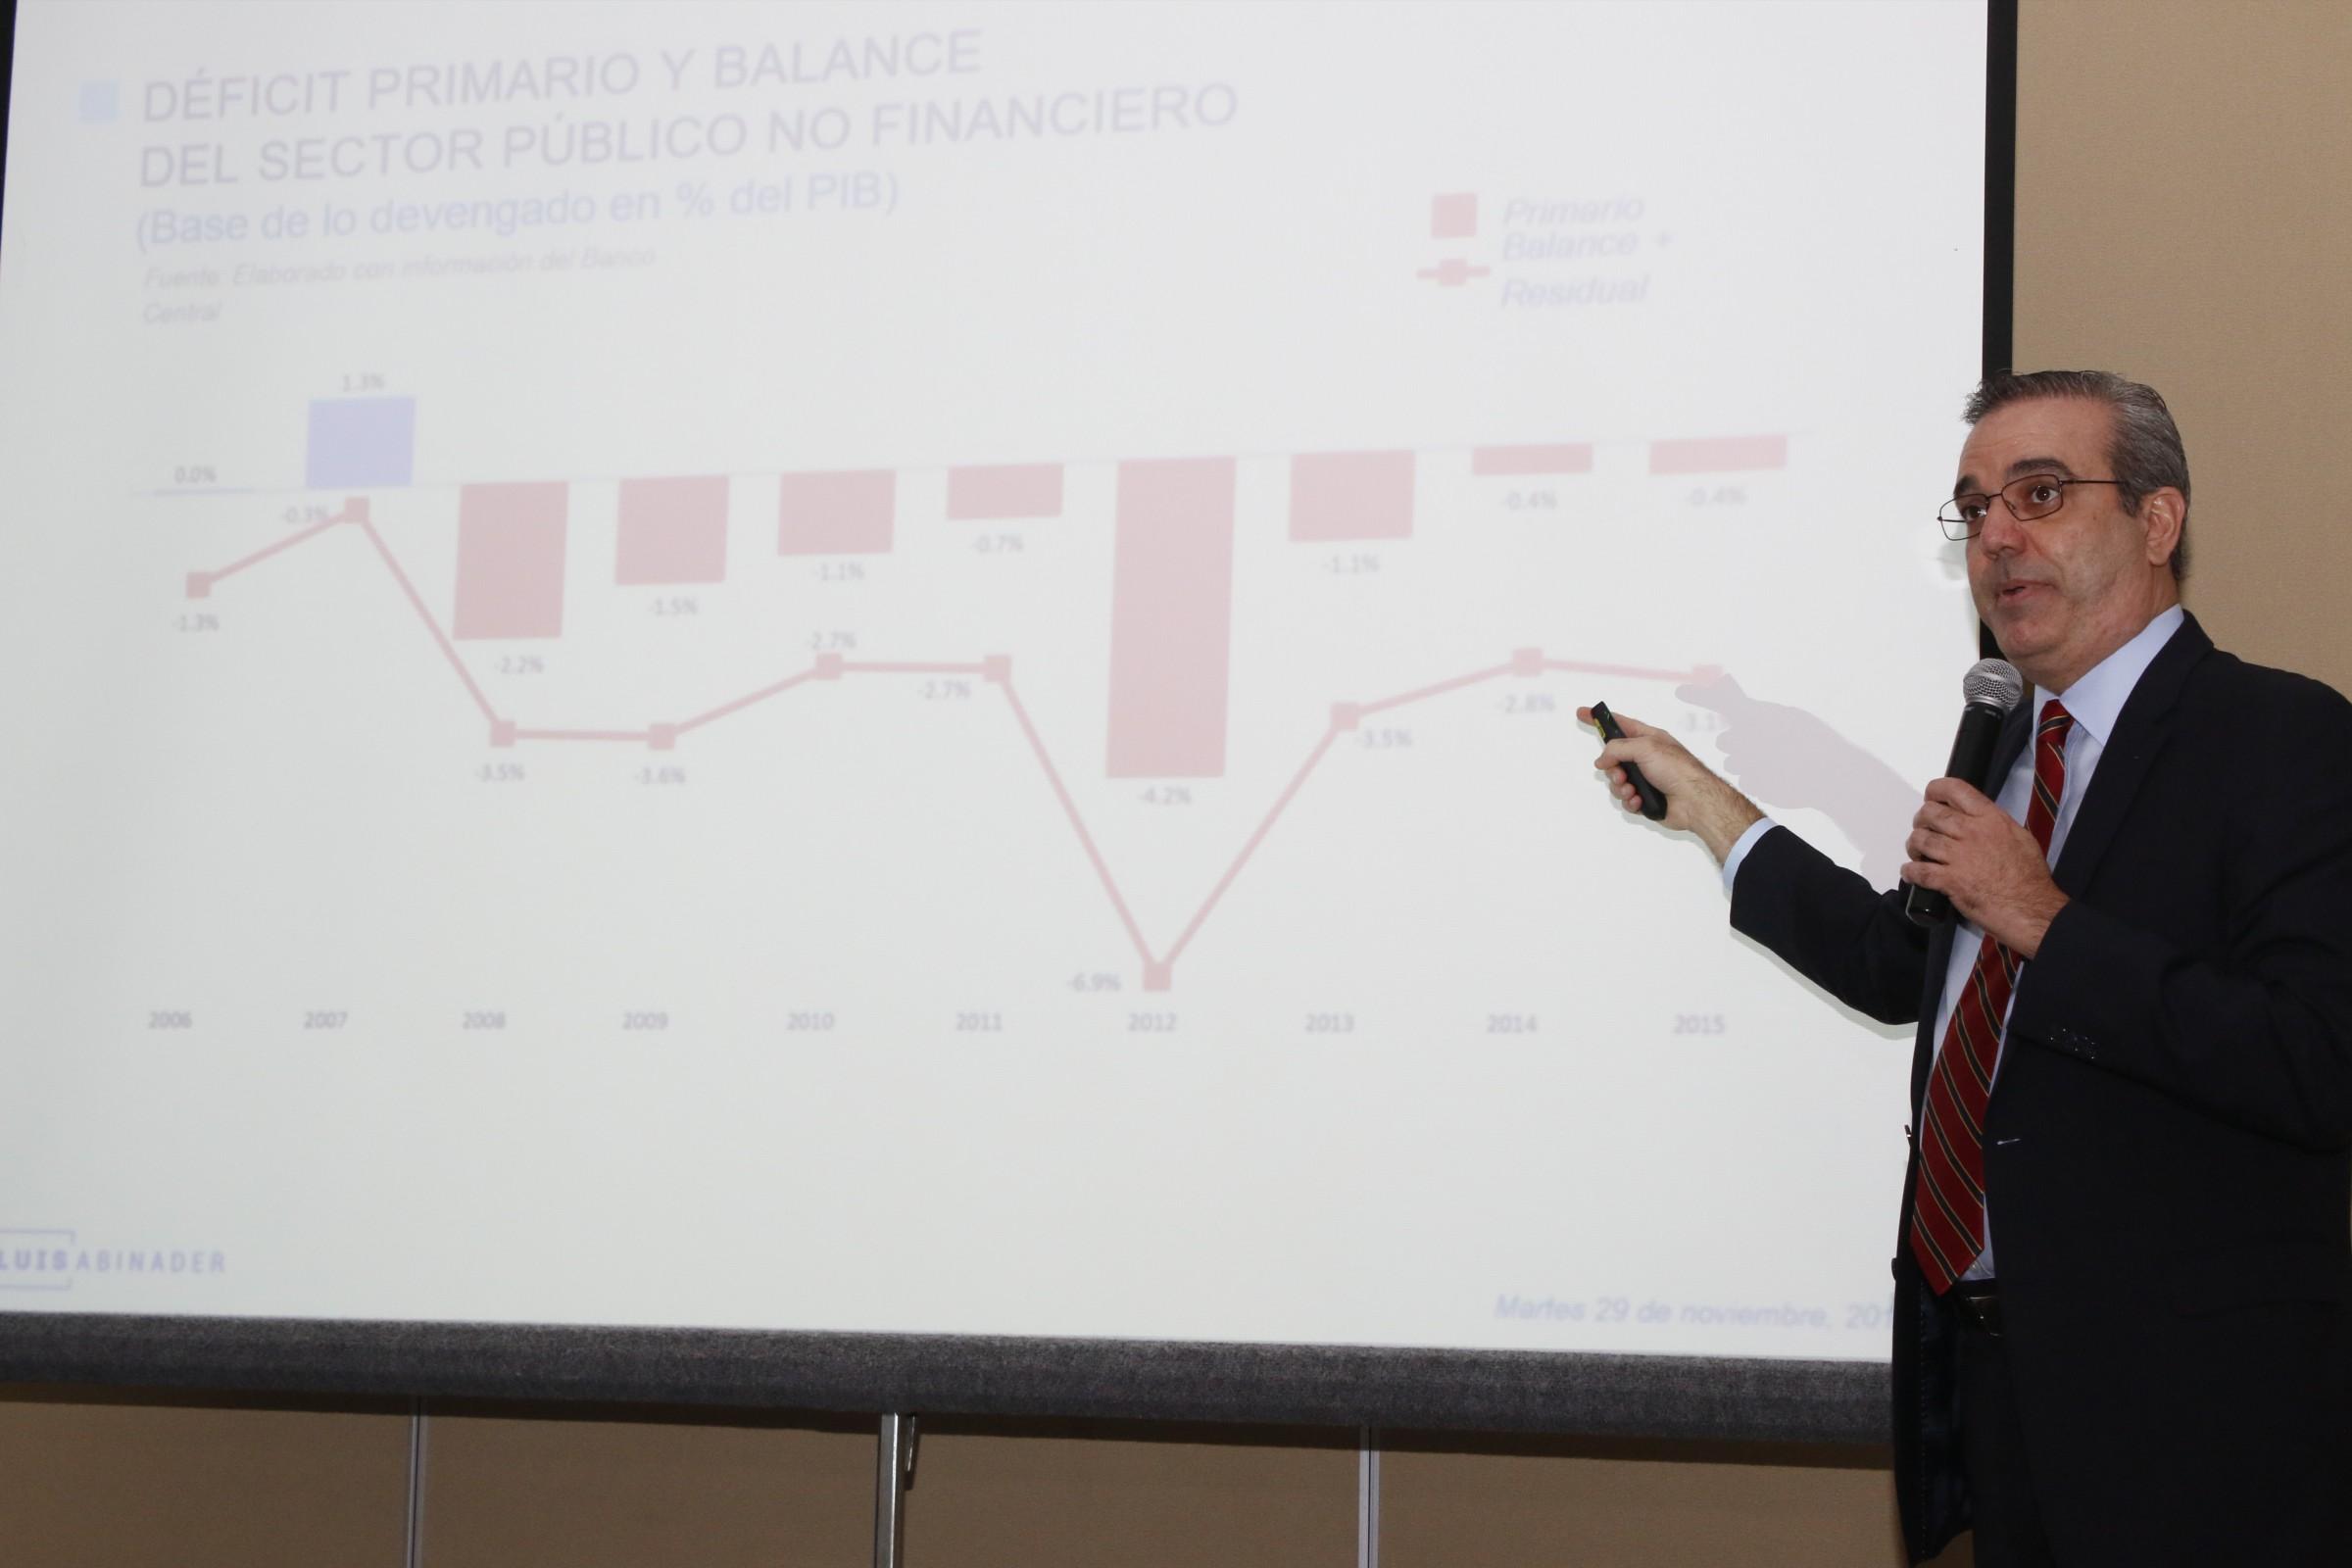 Abinader propone medidas para mejorar gasto público y frenar endeudamiento